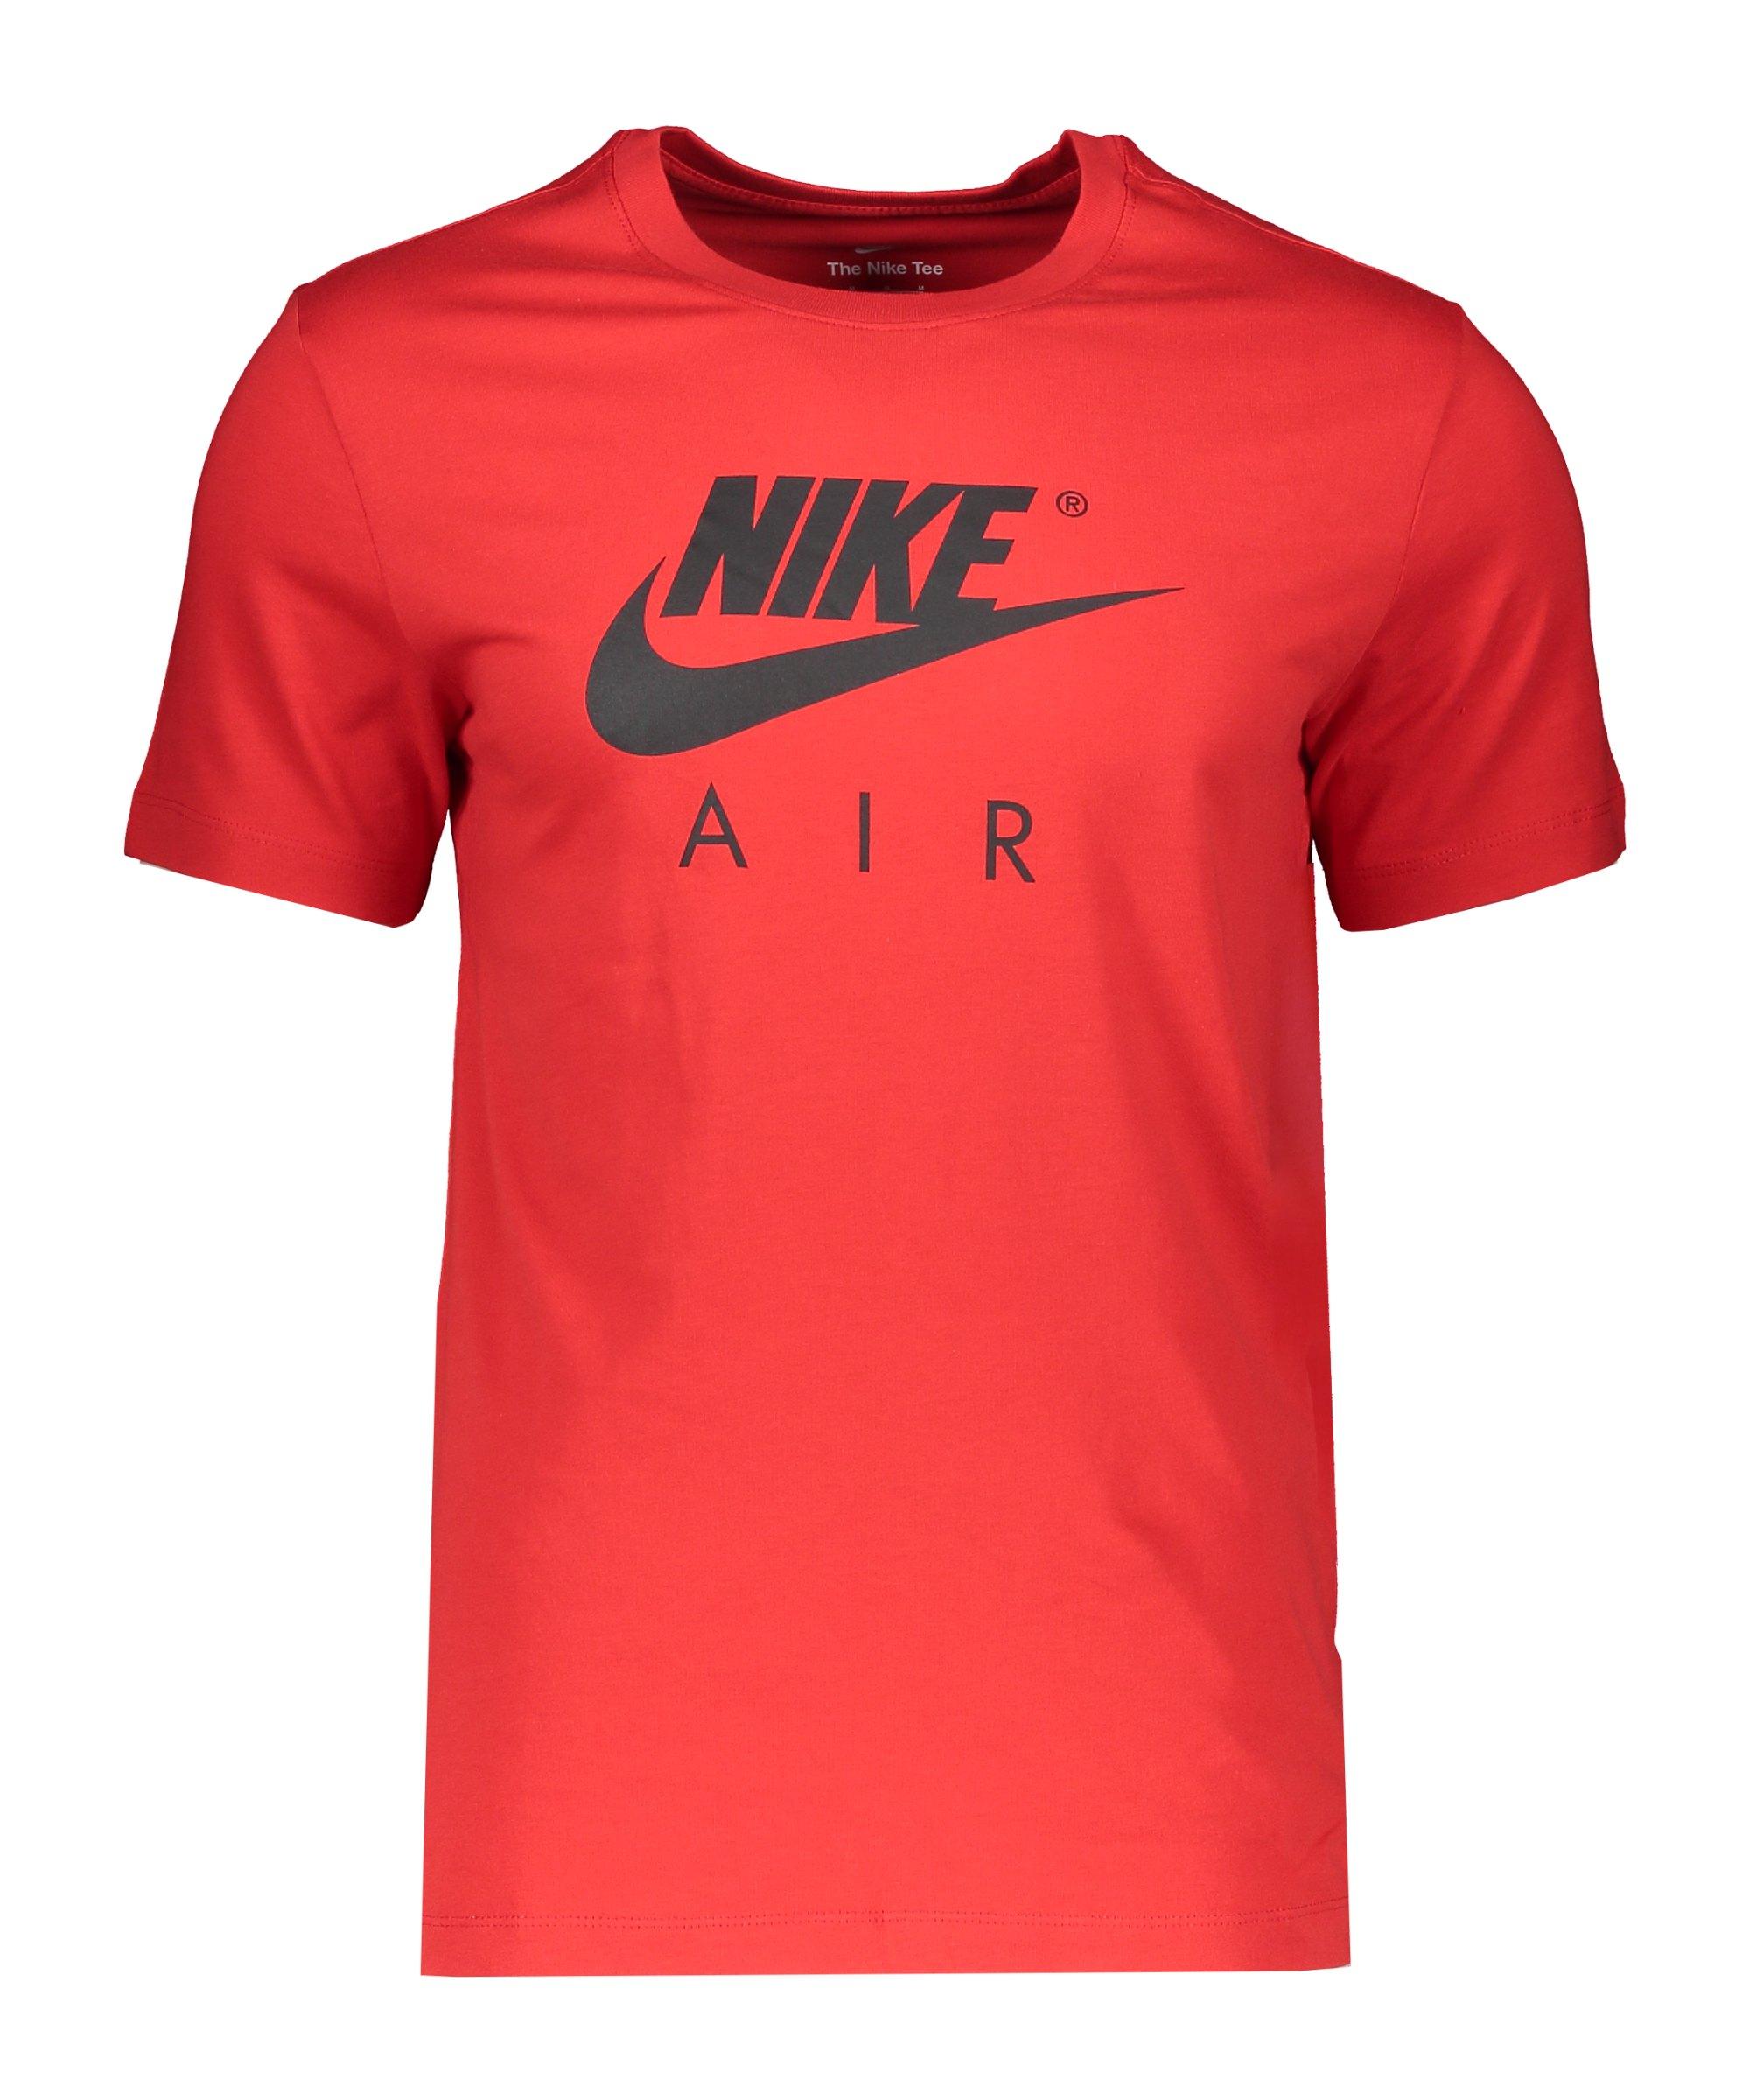 Nike Air T-Shirt Rot F657 - rot